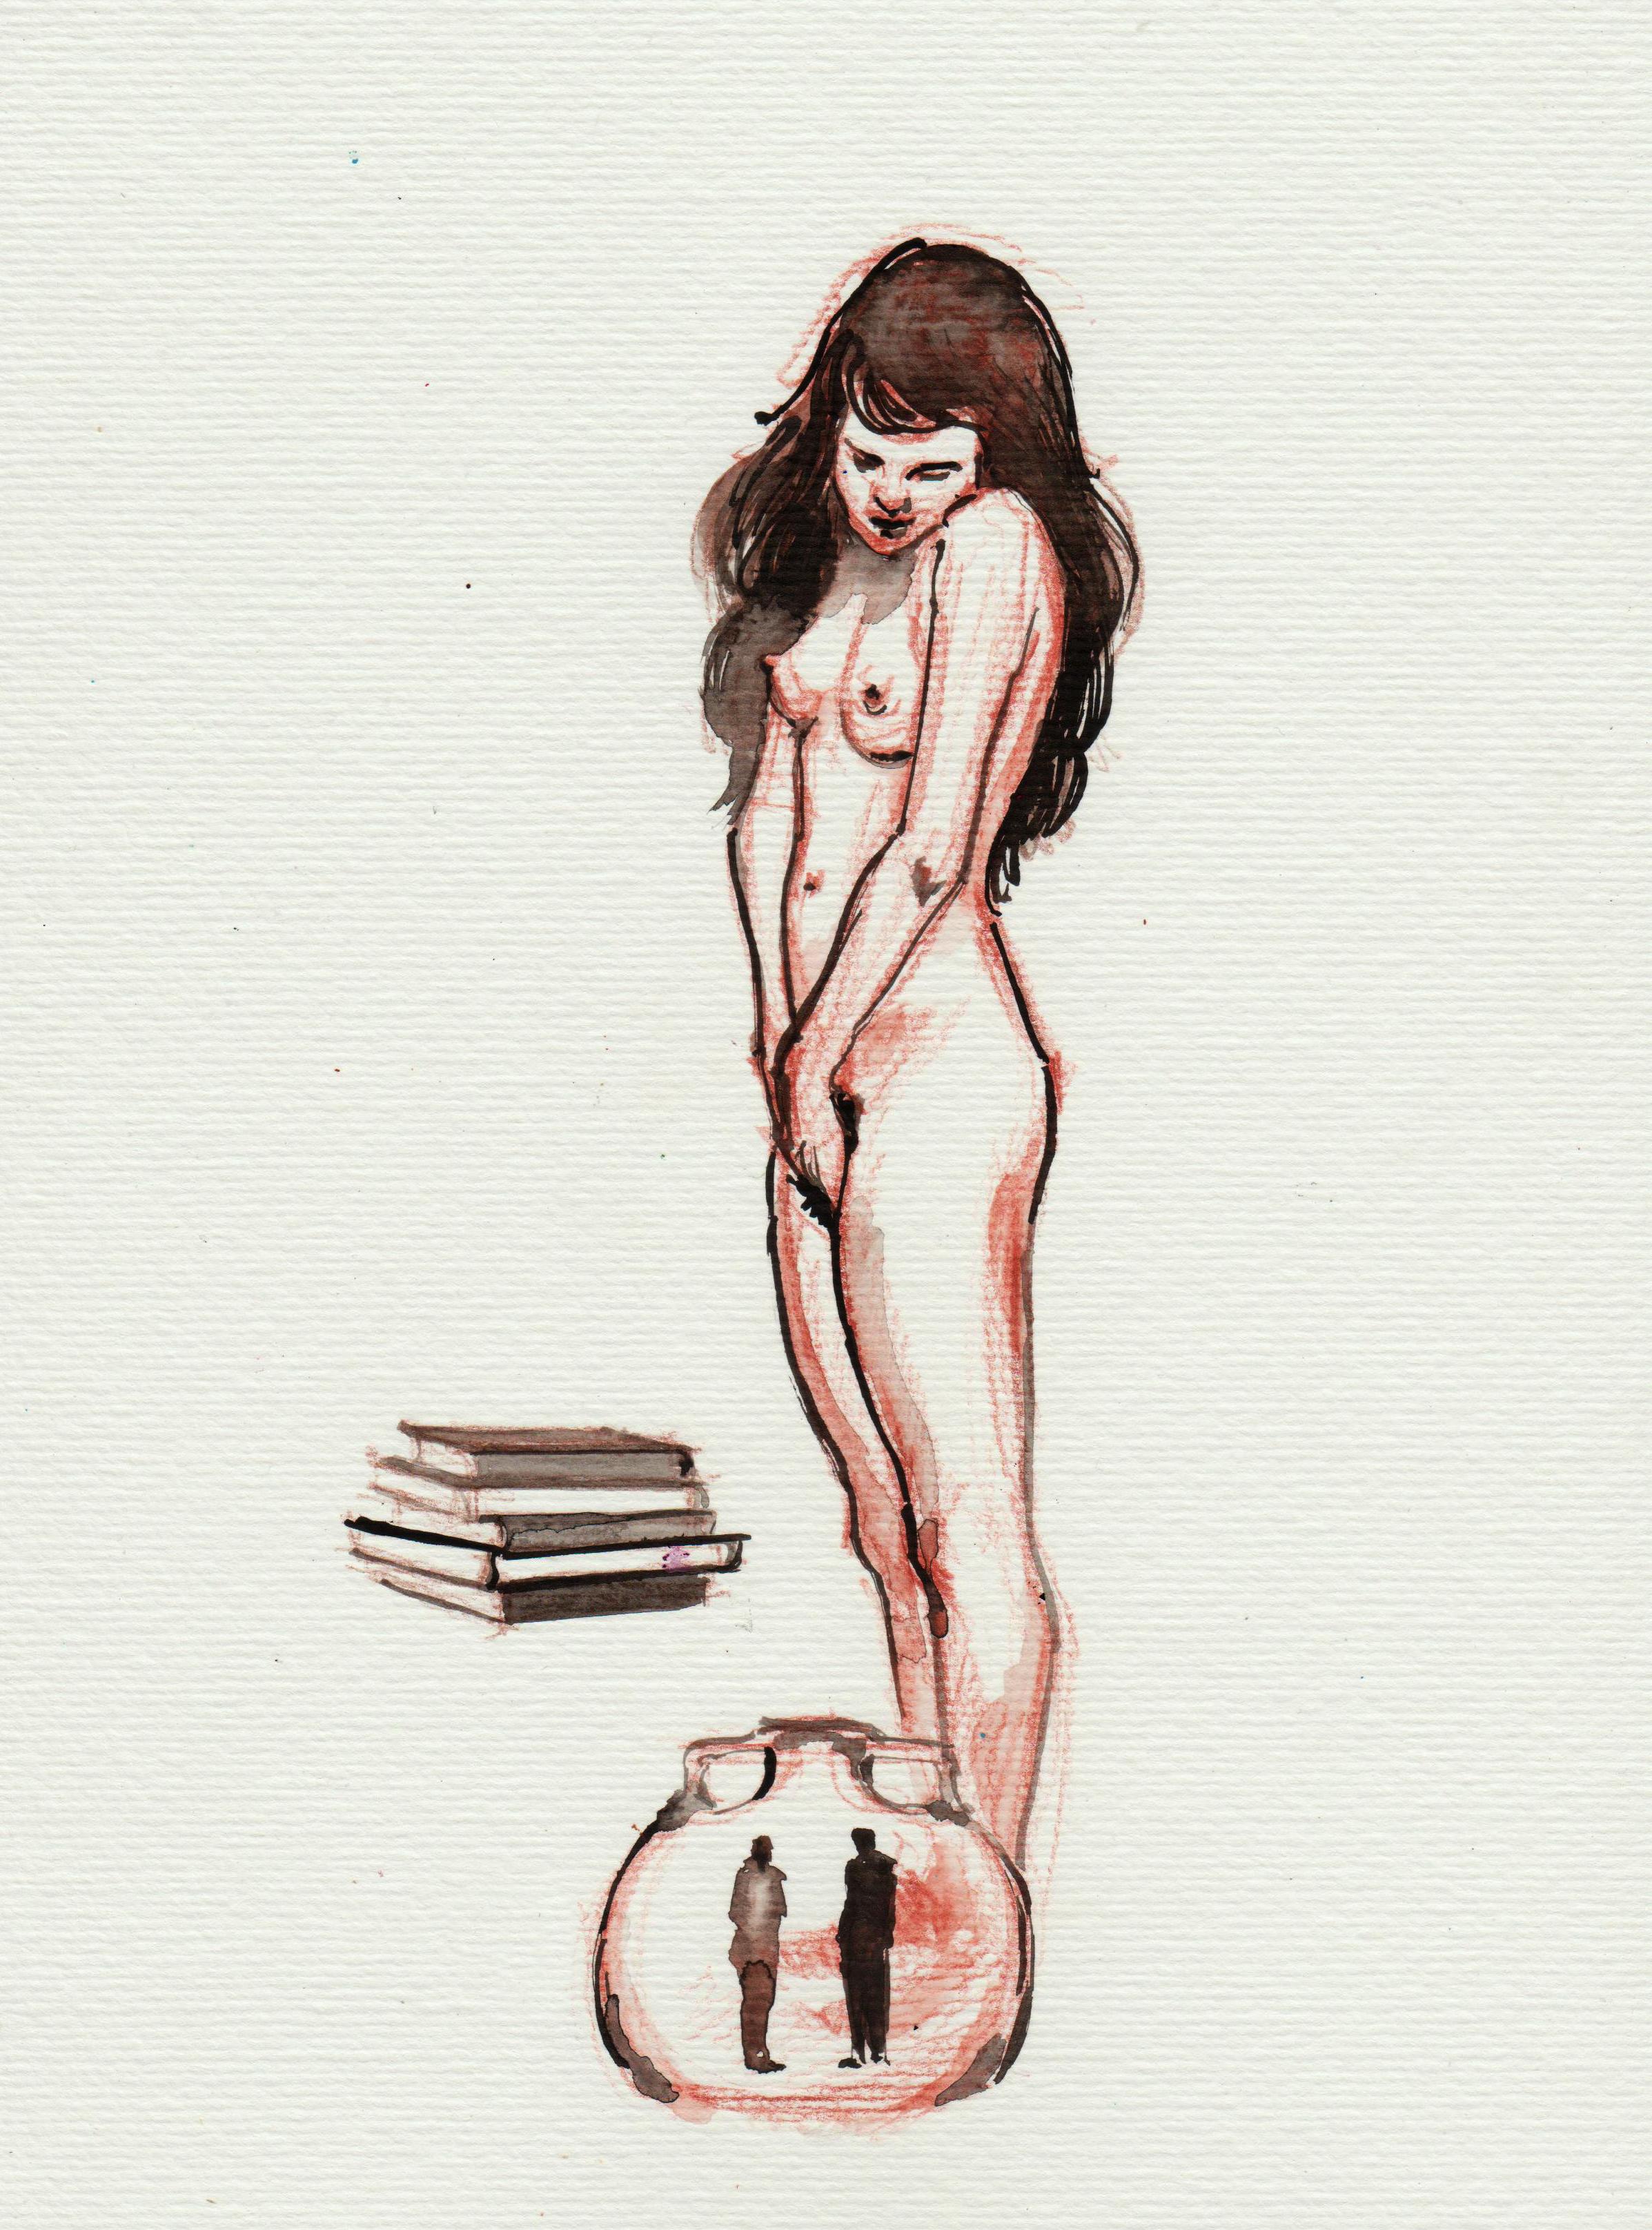 A artista visual Raisa Christina criou as ilustrações do livro Dama Inversa, de Mendes Junior